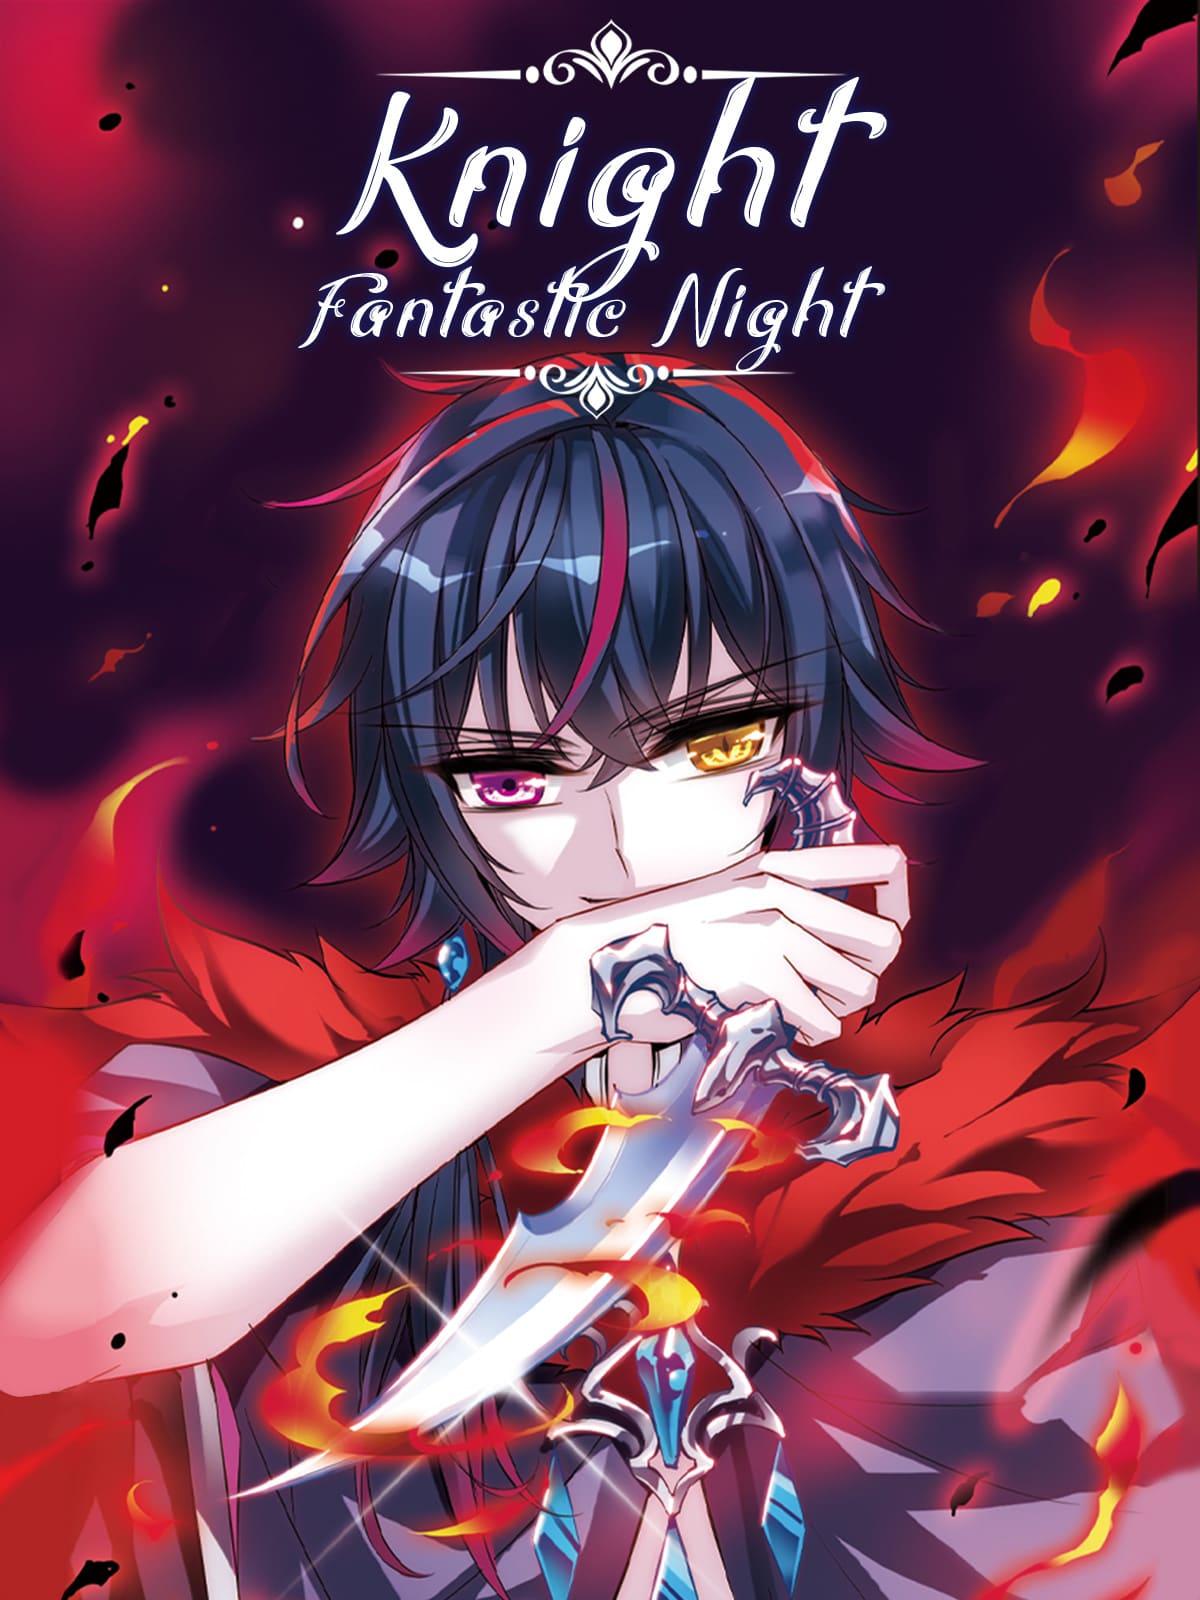 Knight Fantastic Night